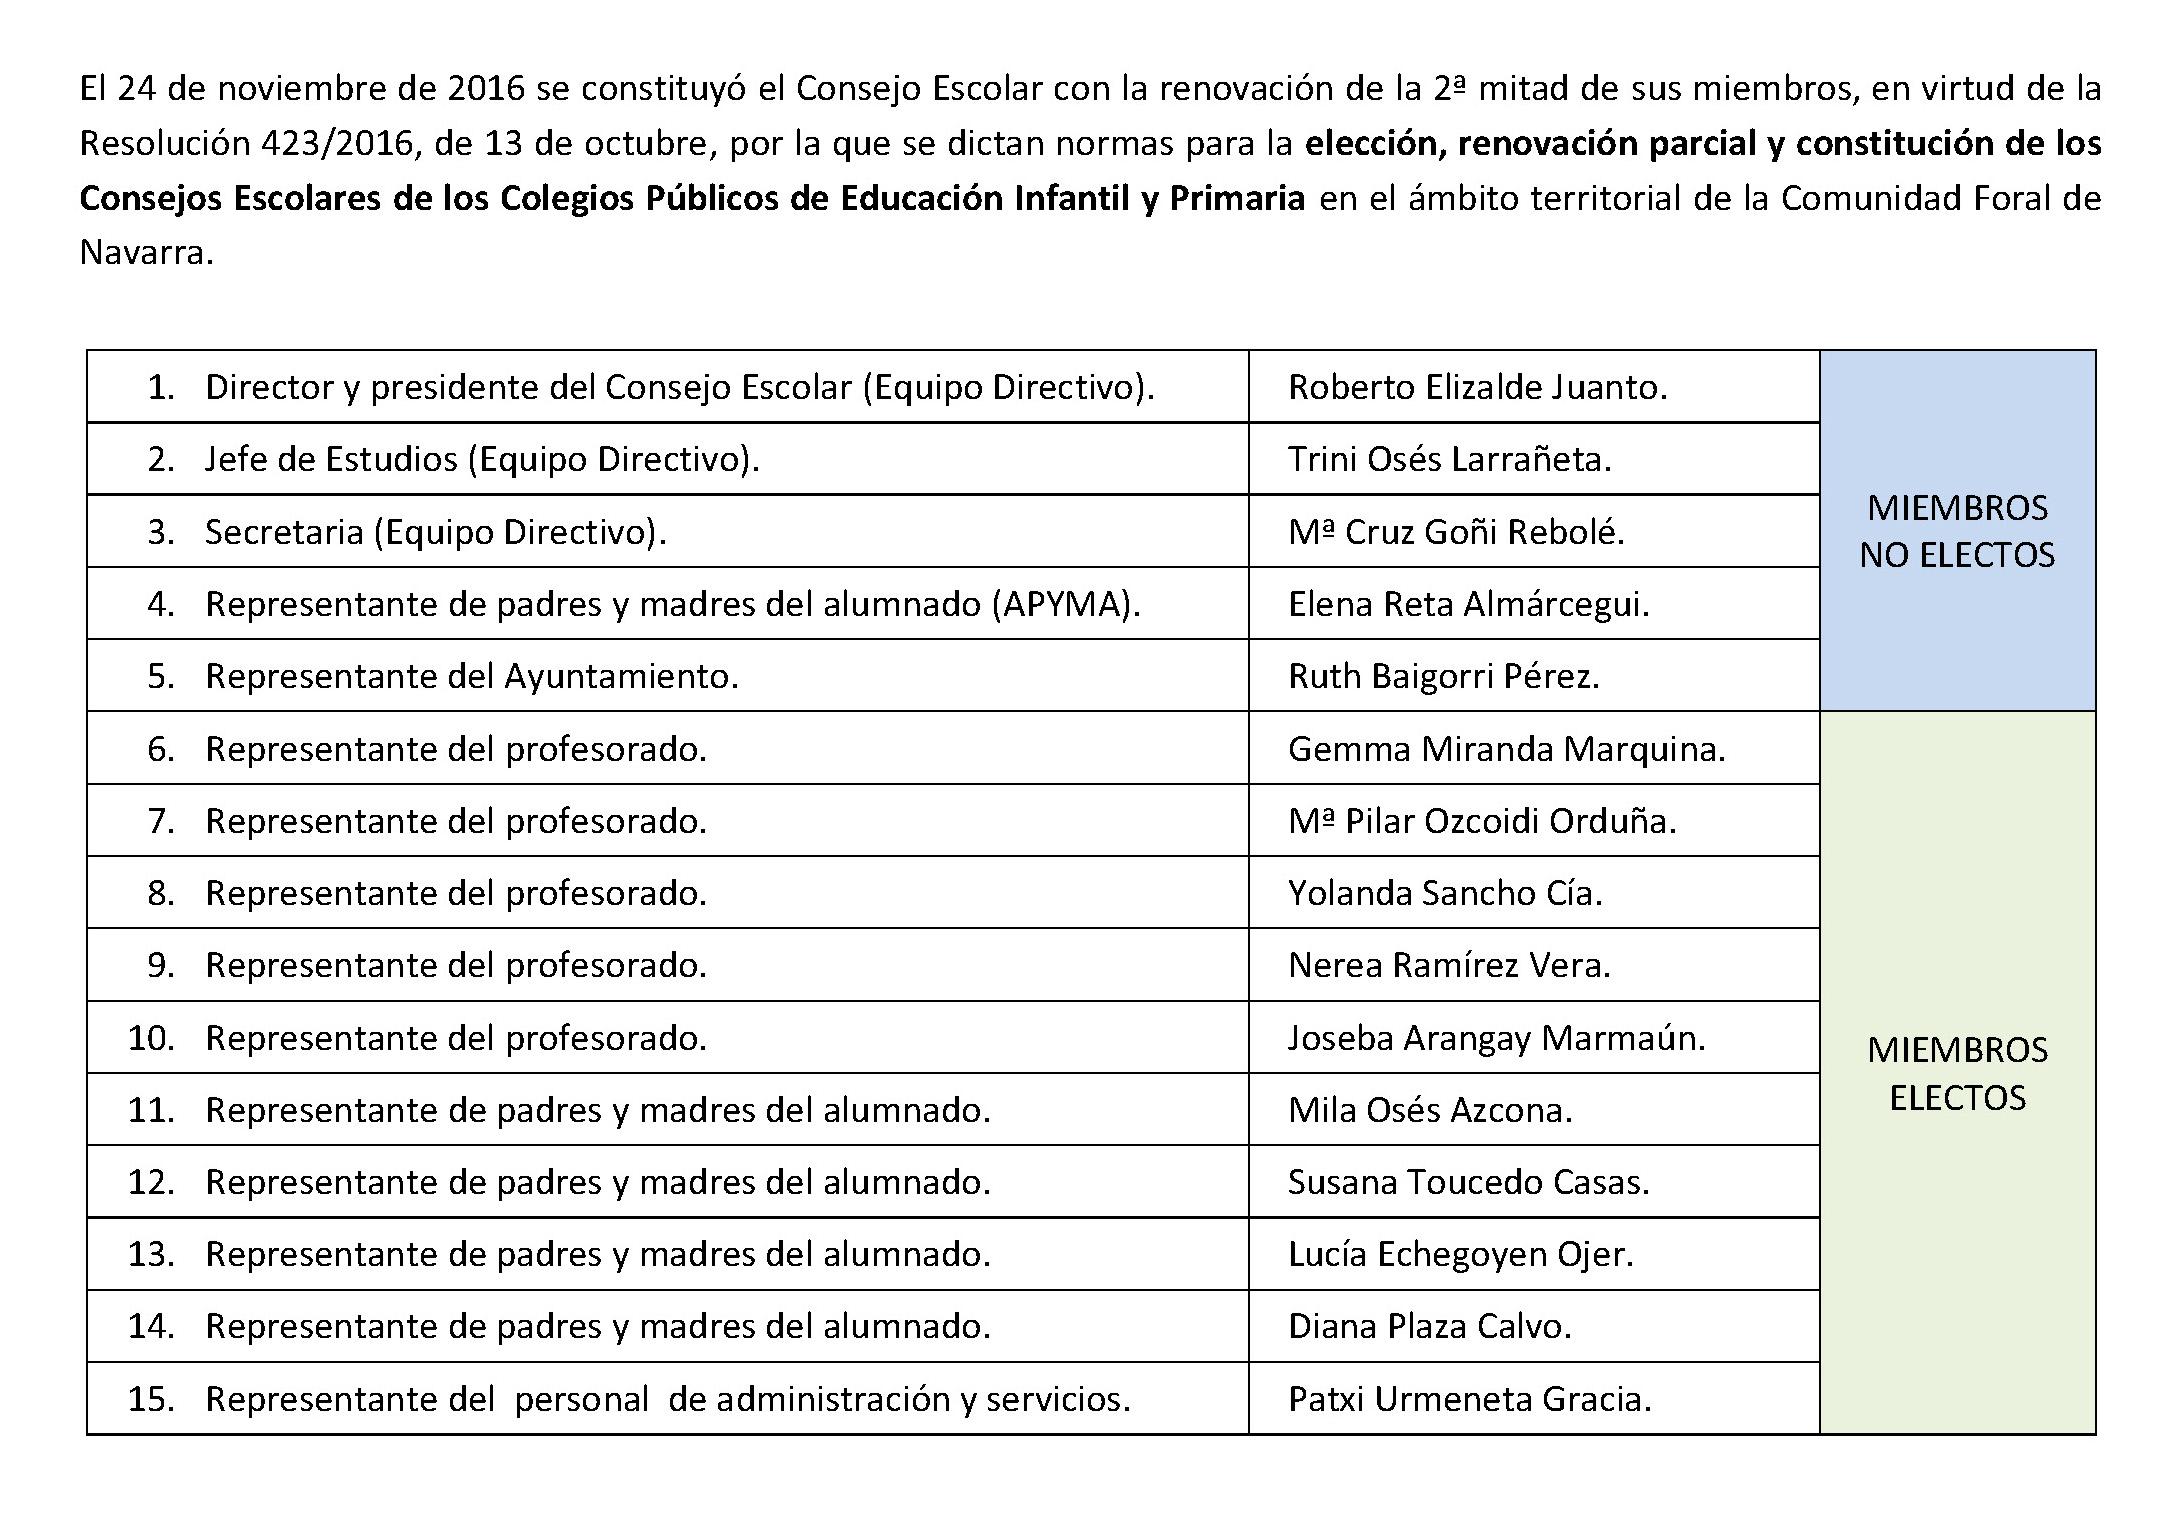 16-17-consejo-escolar_miembros-02